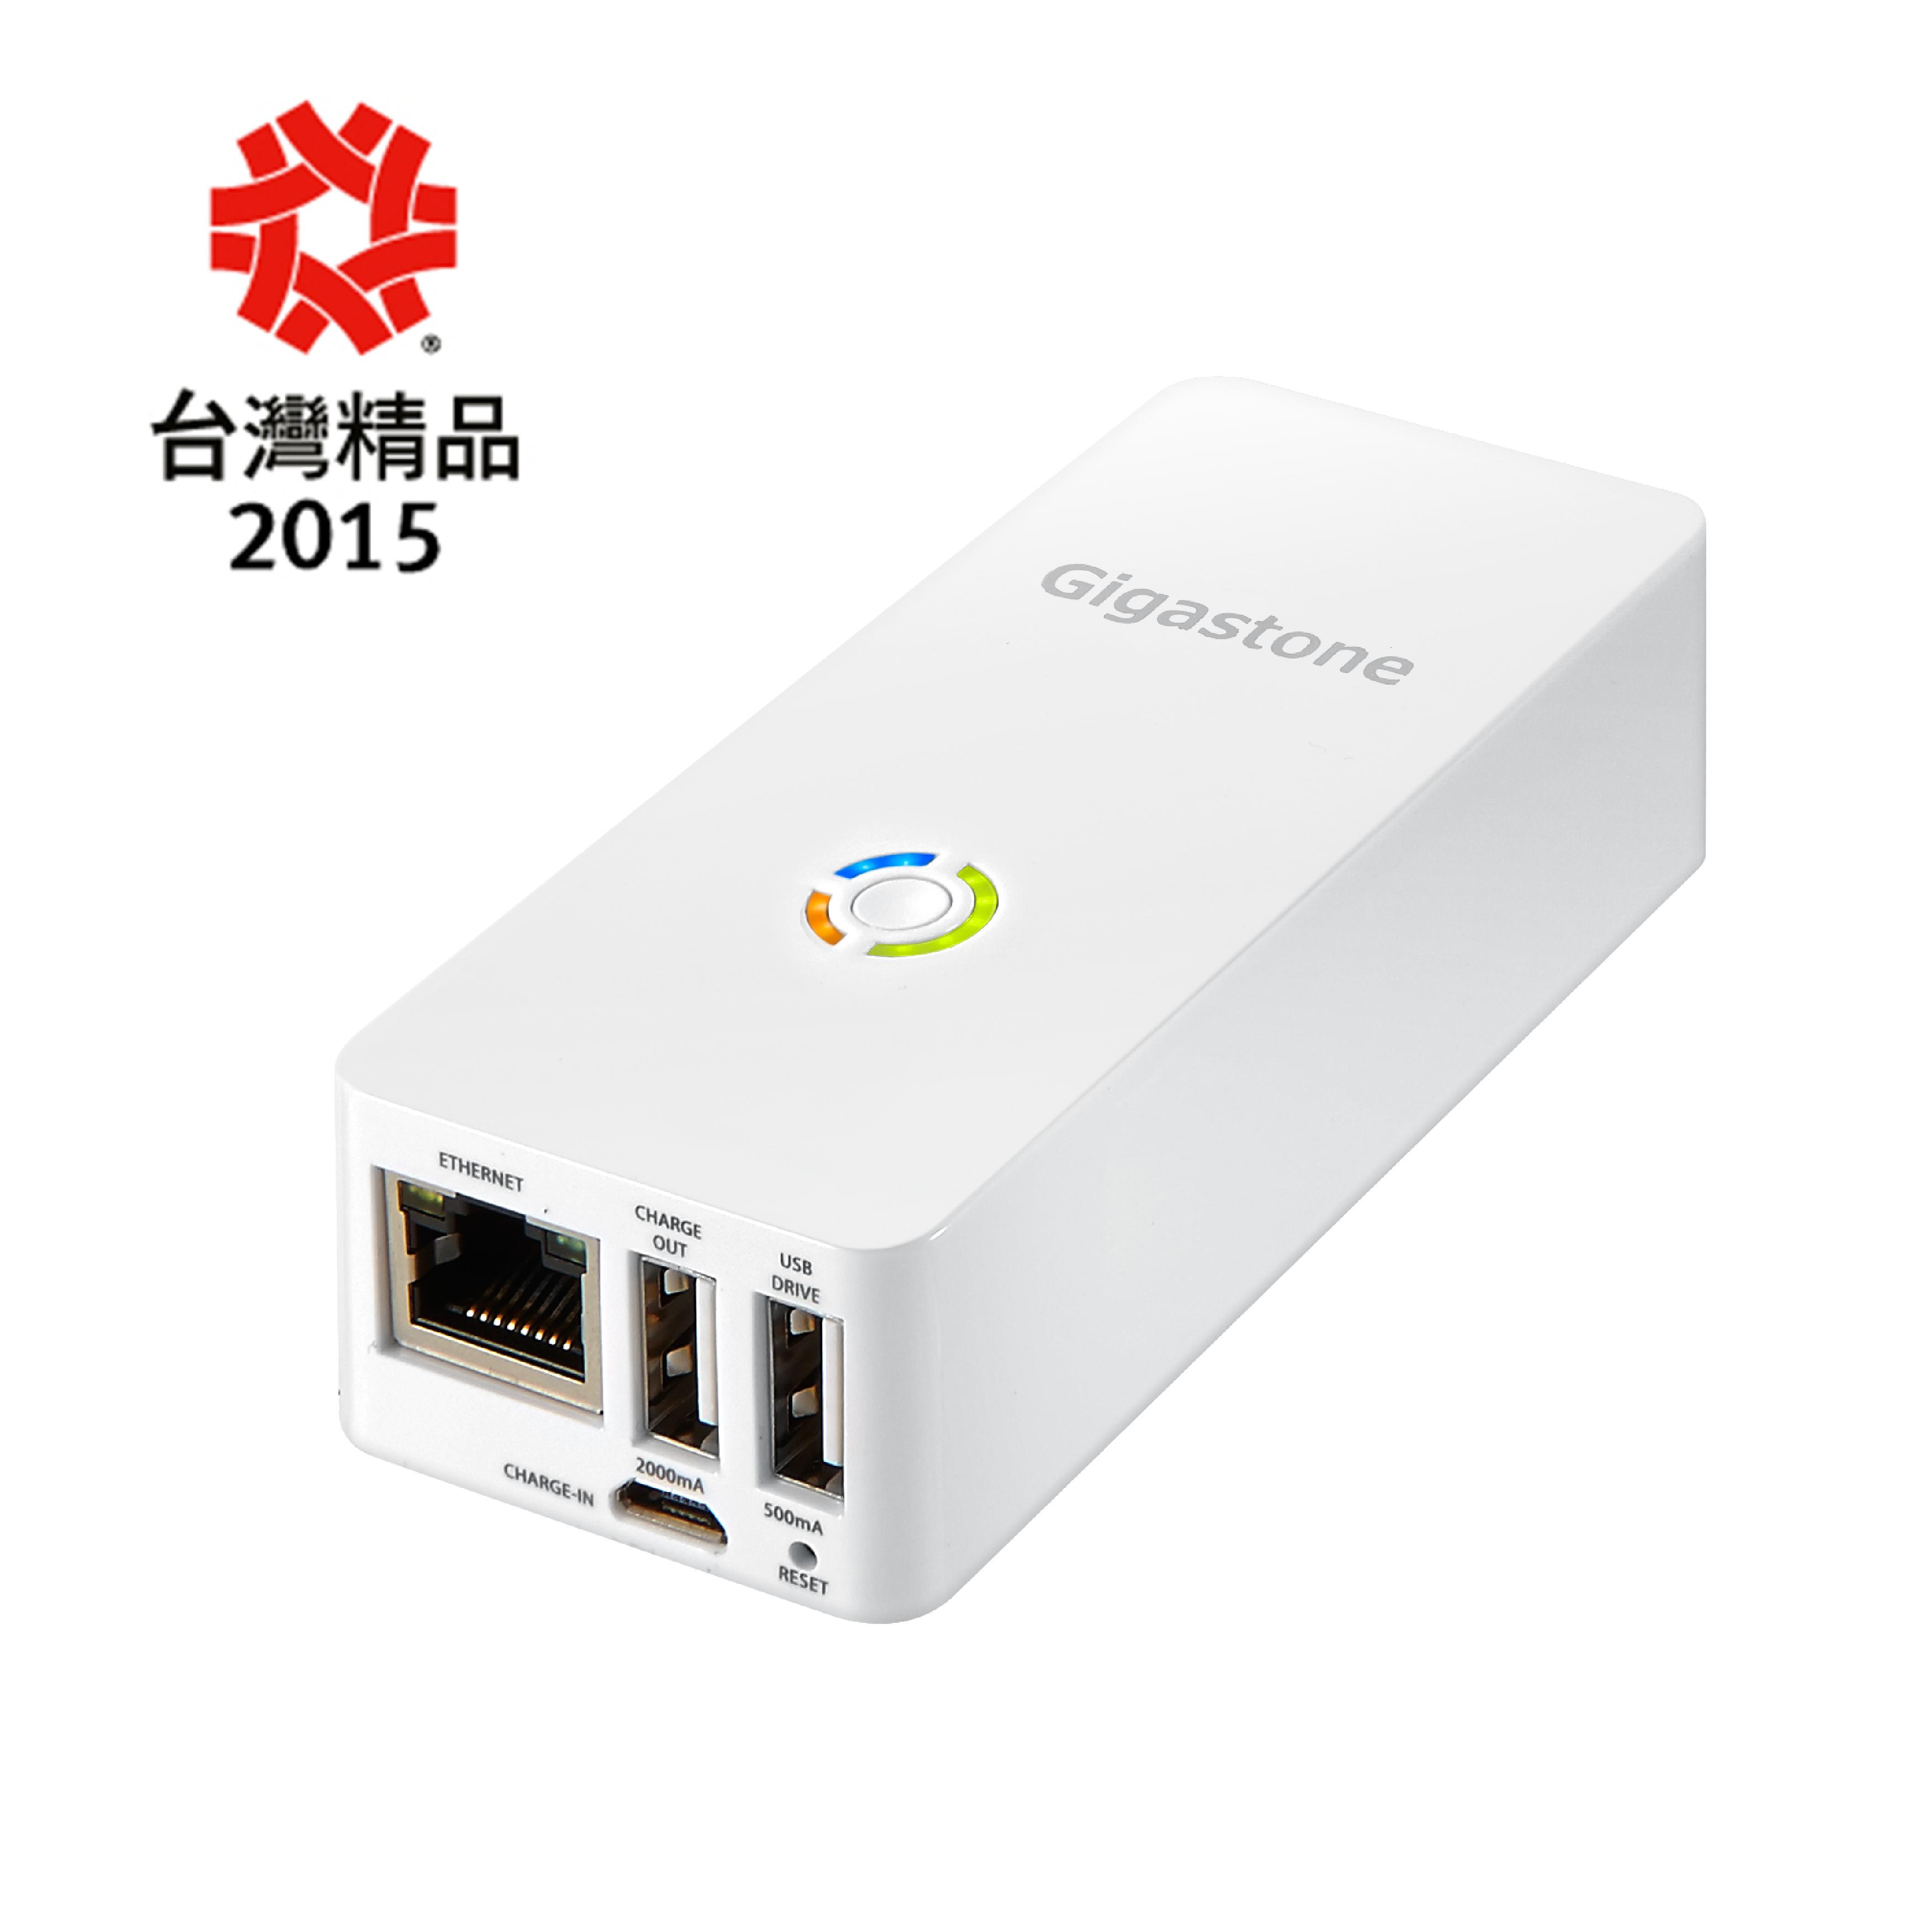 Gigastone立達國際 搶攻手機周邊市場 榮獲2015台灣精品獎行銷全球